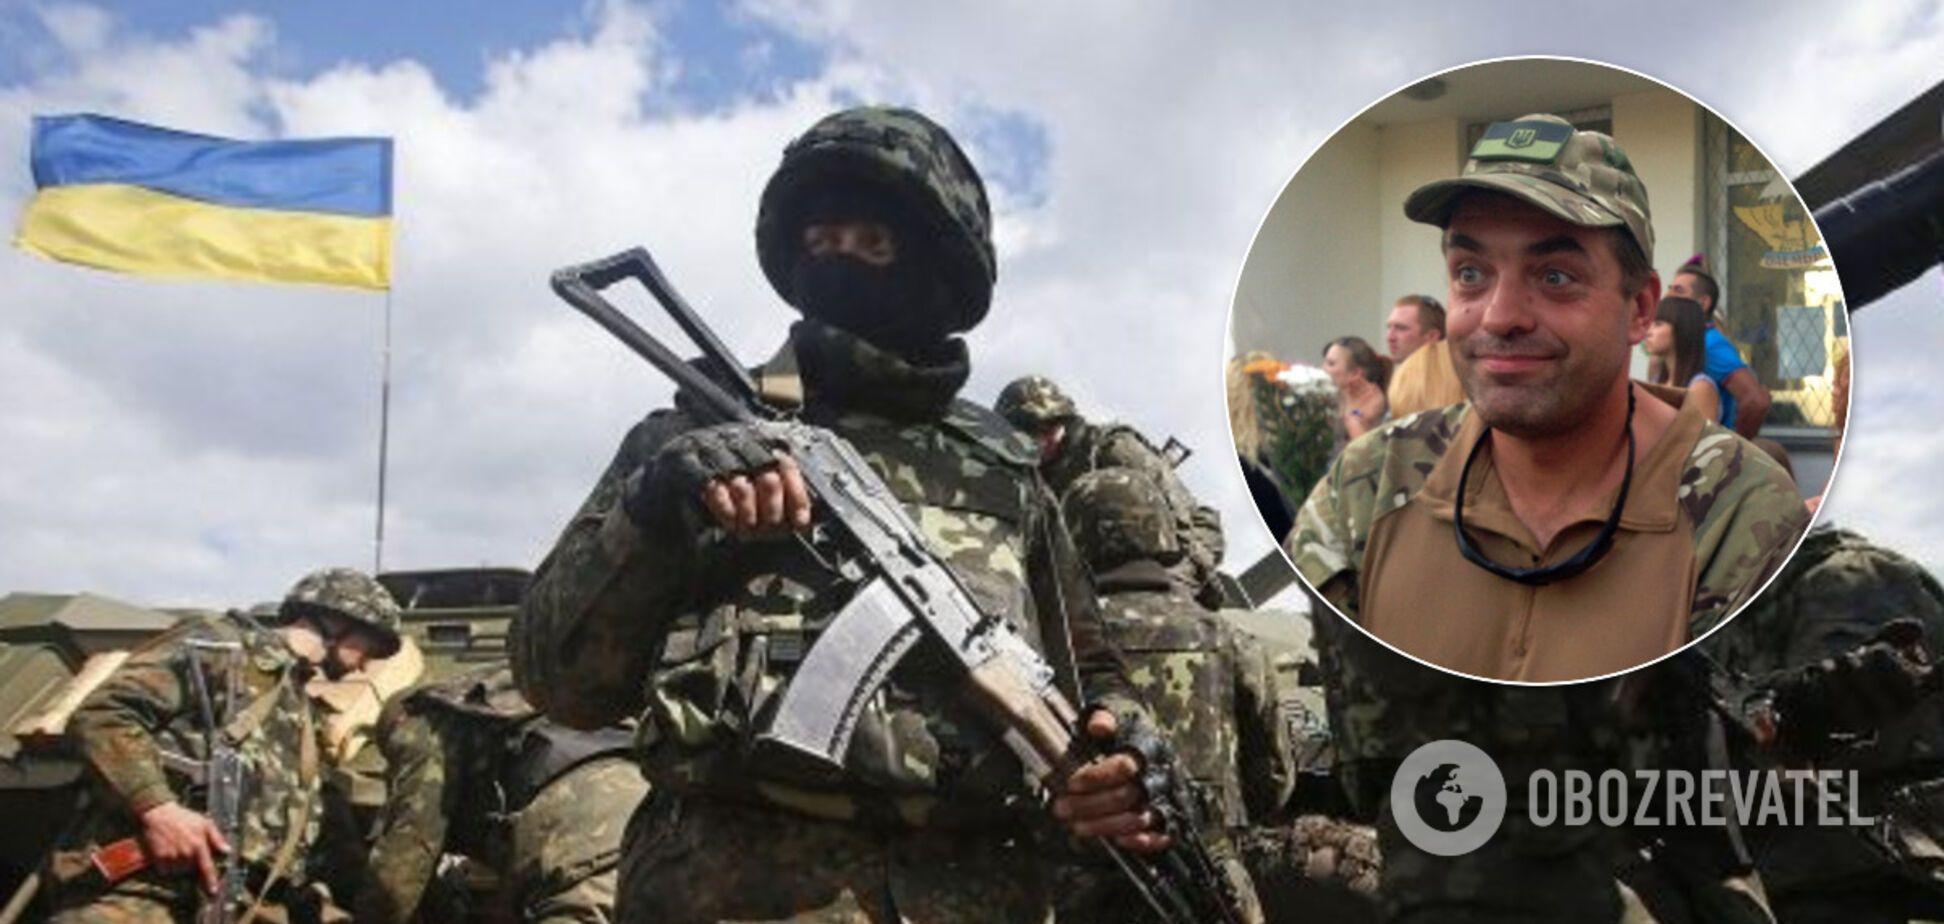 Бирюков извинился за 'ублюдков' в ВСУ